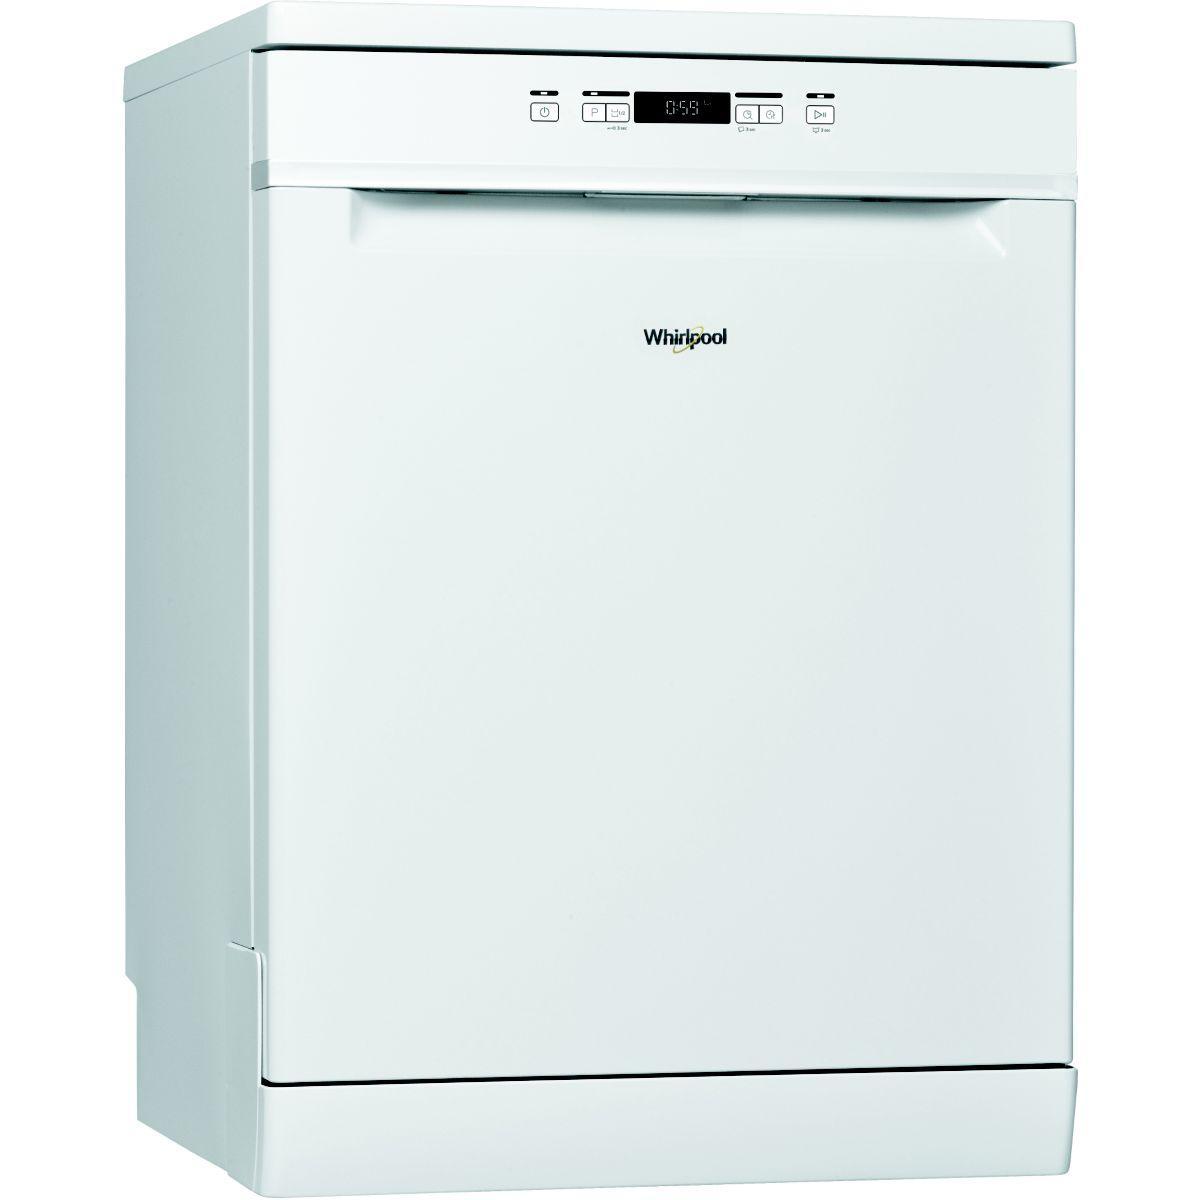 Lave-vaisselle 60cm whirlpool ex wfc 3b18 - 2% de remise immédiate avec le code : cool2 (photo)